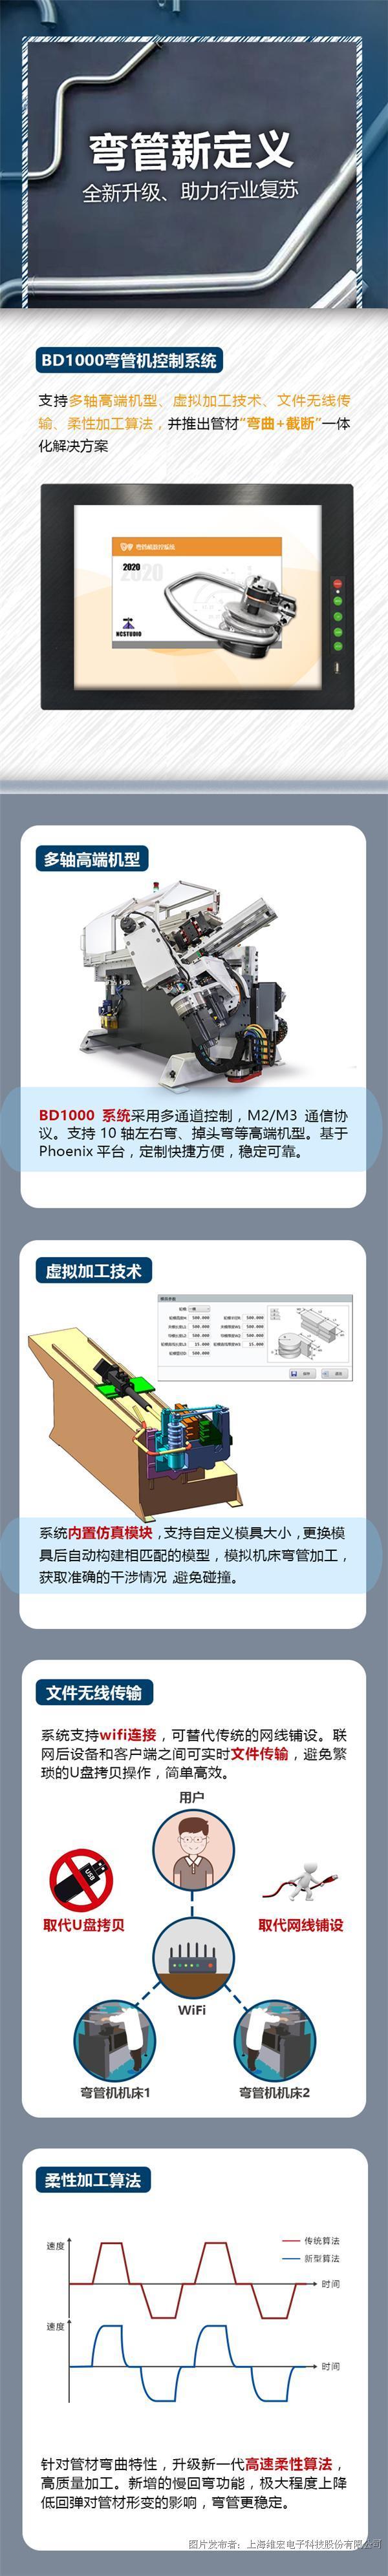 弯管机微信长图-R3_01.jpg